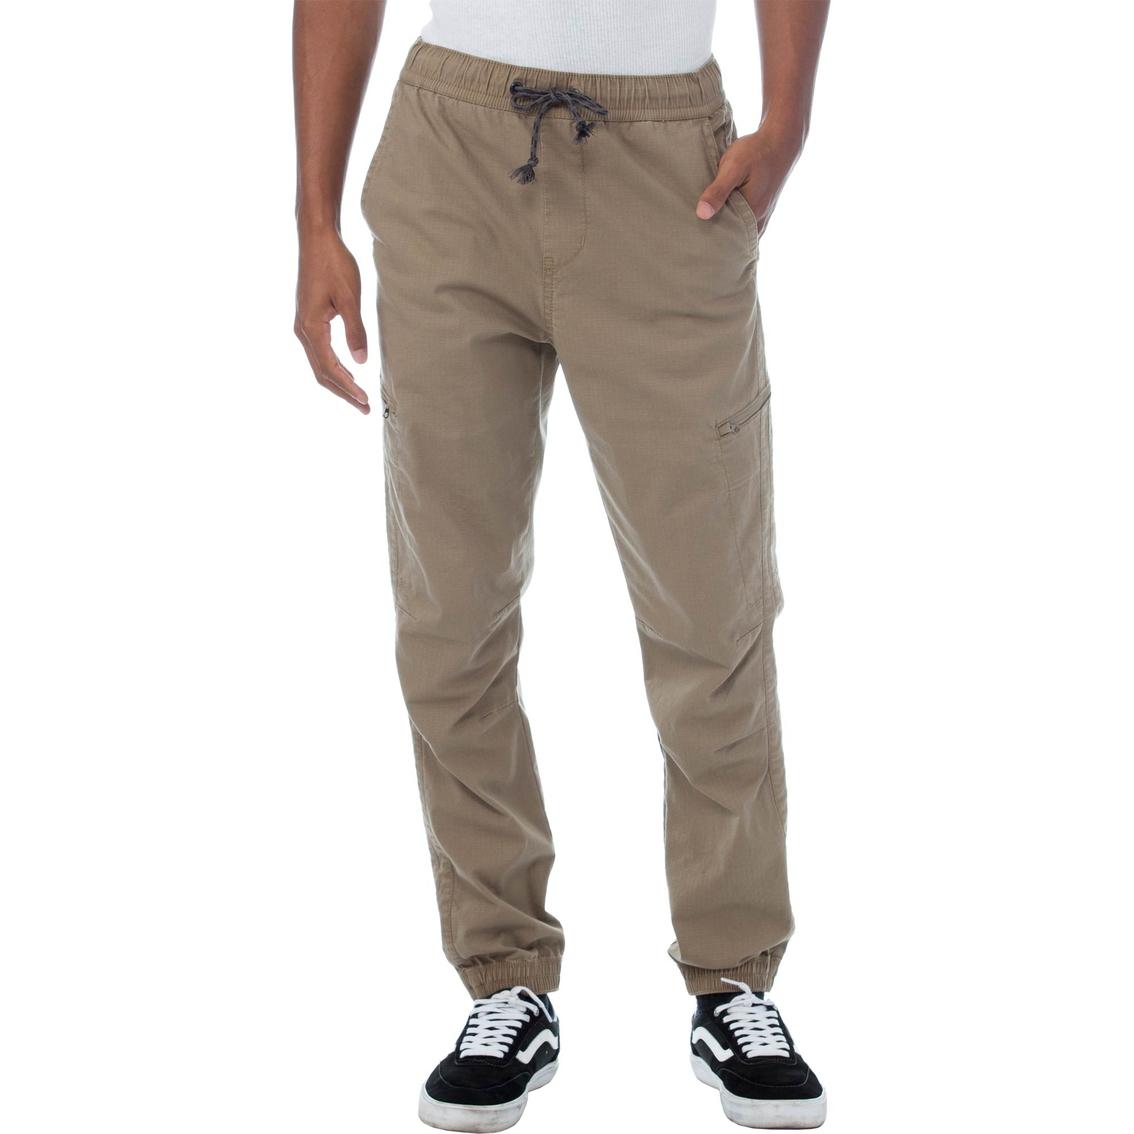 Neo Exchange: Unionbay Neo Jogger Pants